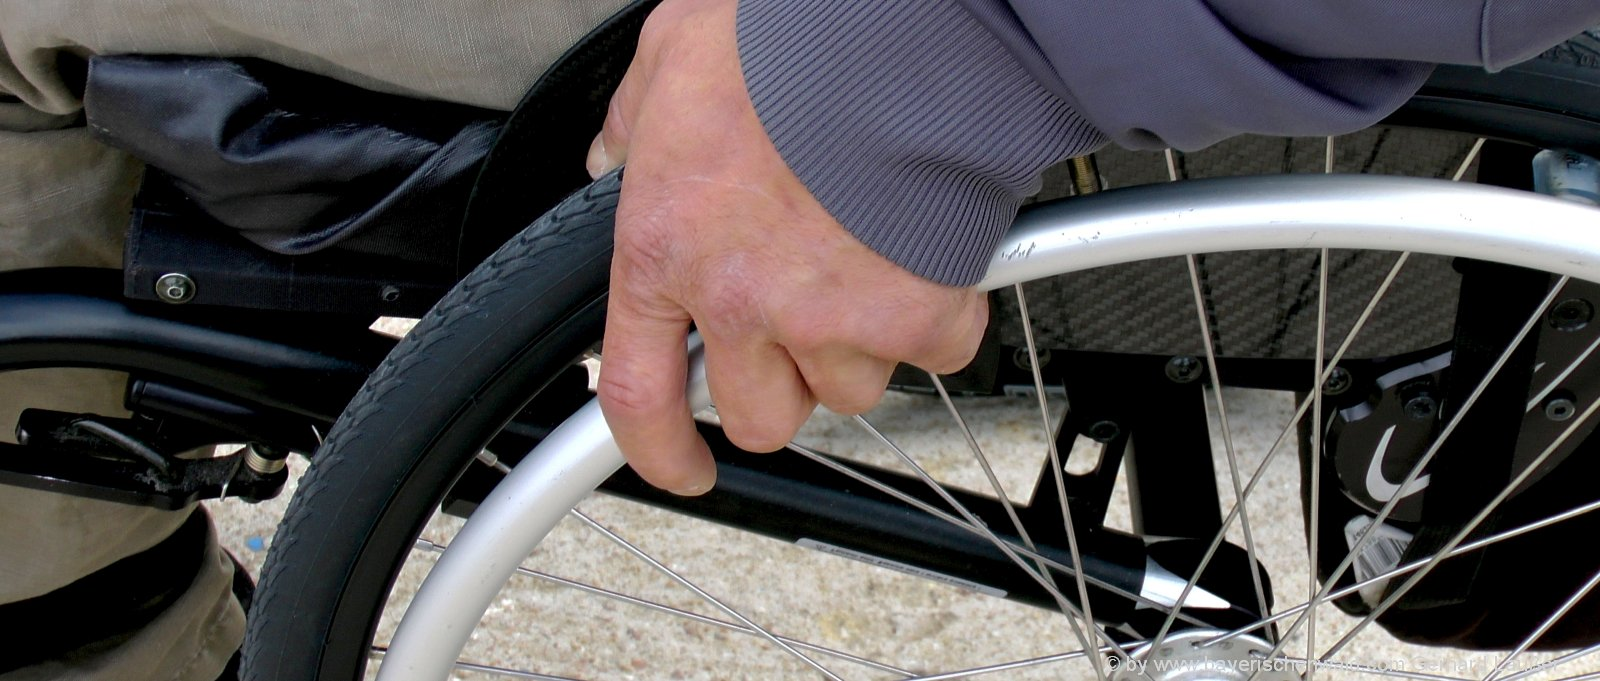 behindertengerechter-urlaub-bayern-barrierefreie-unterkunft-rollstuhlfahrer